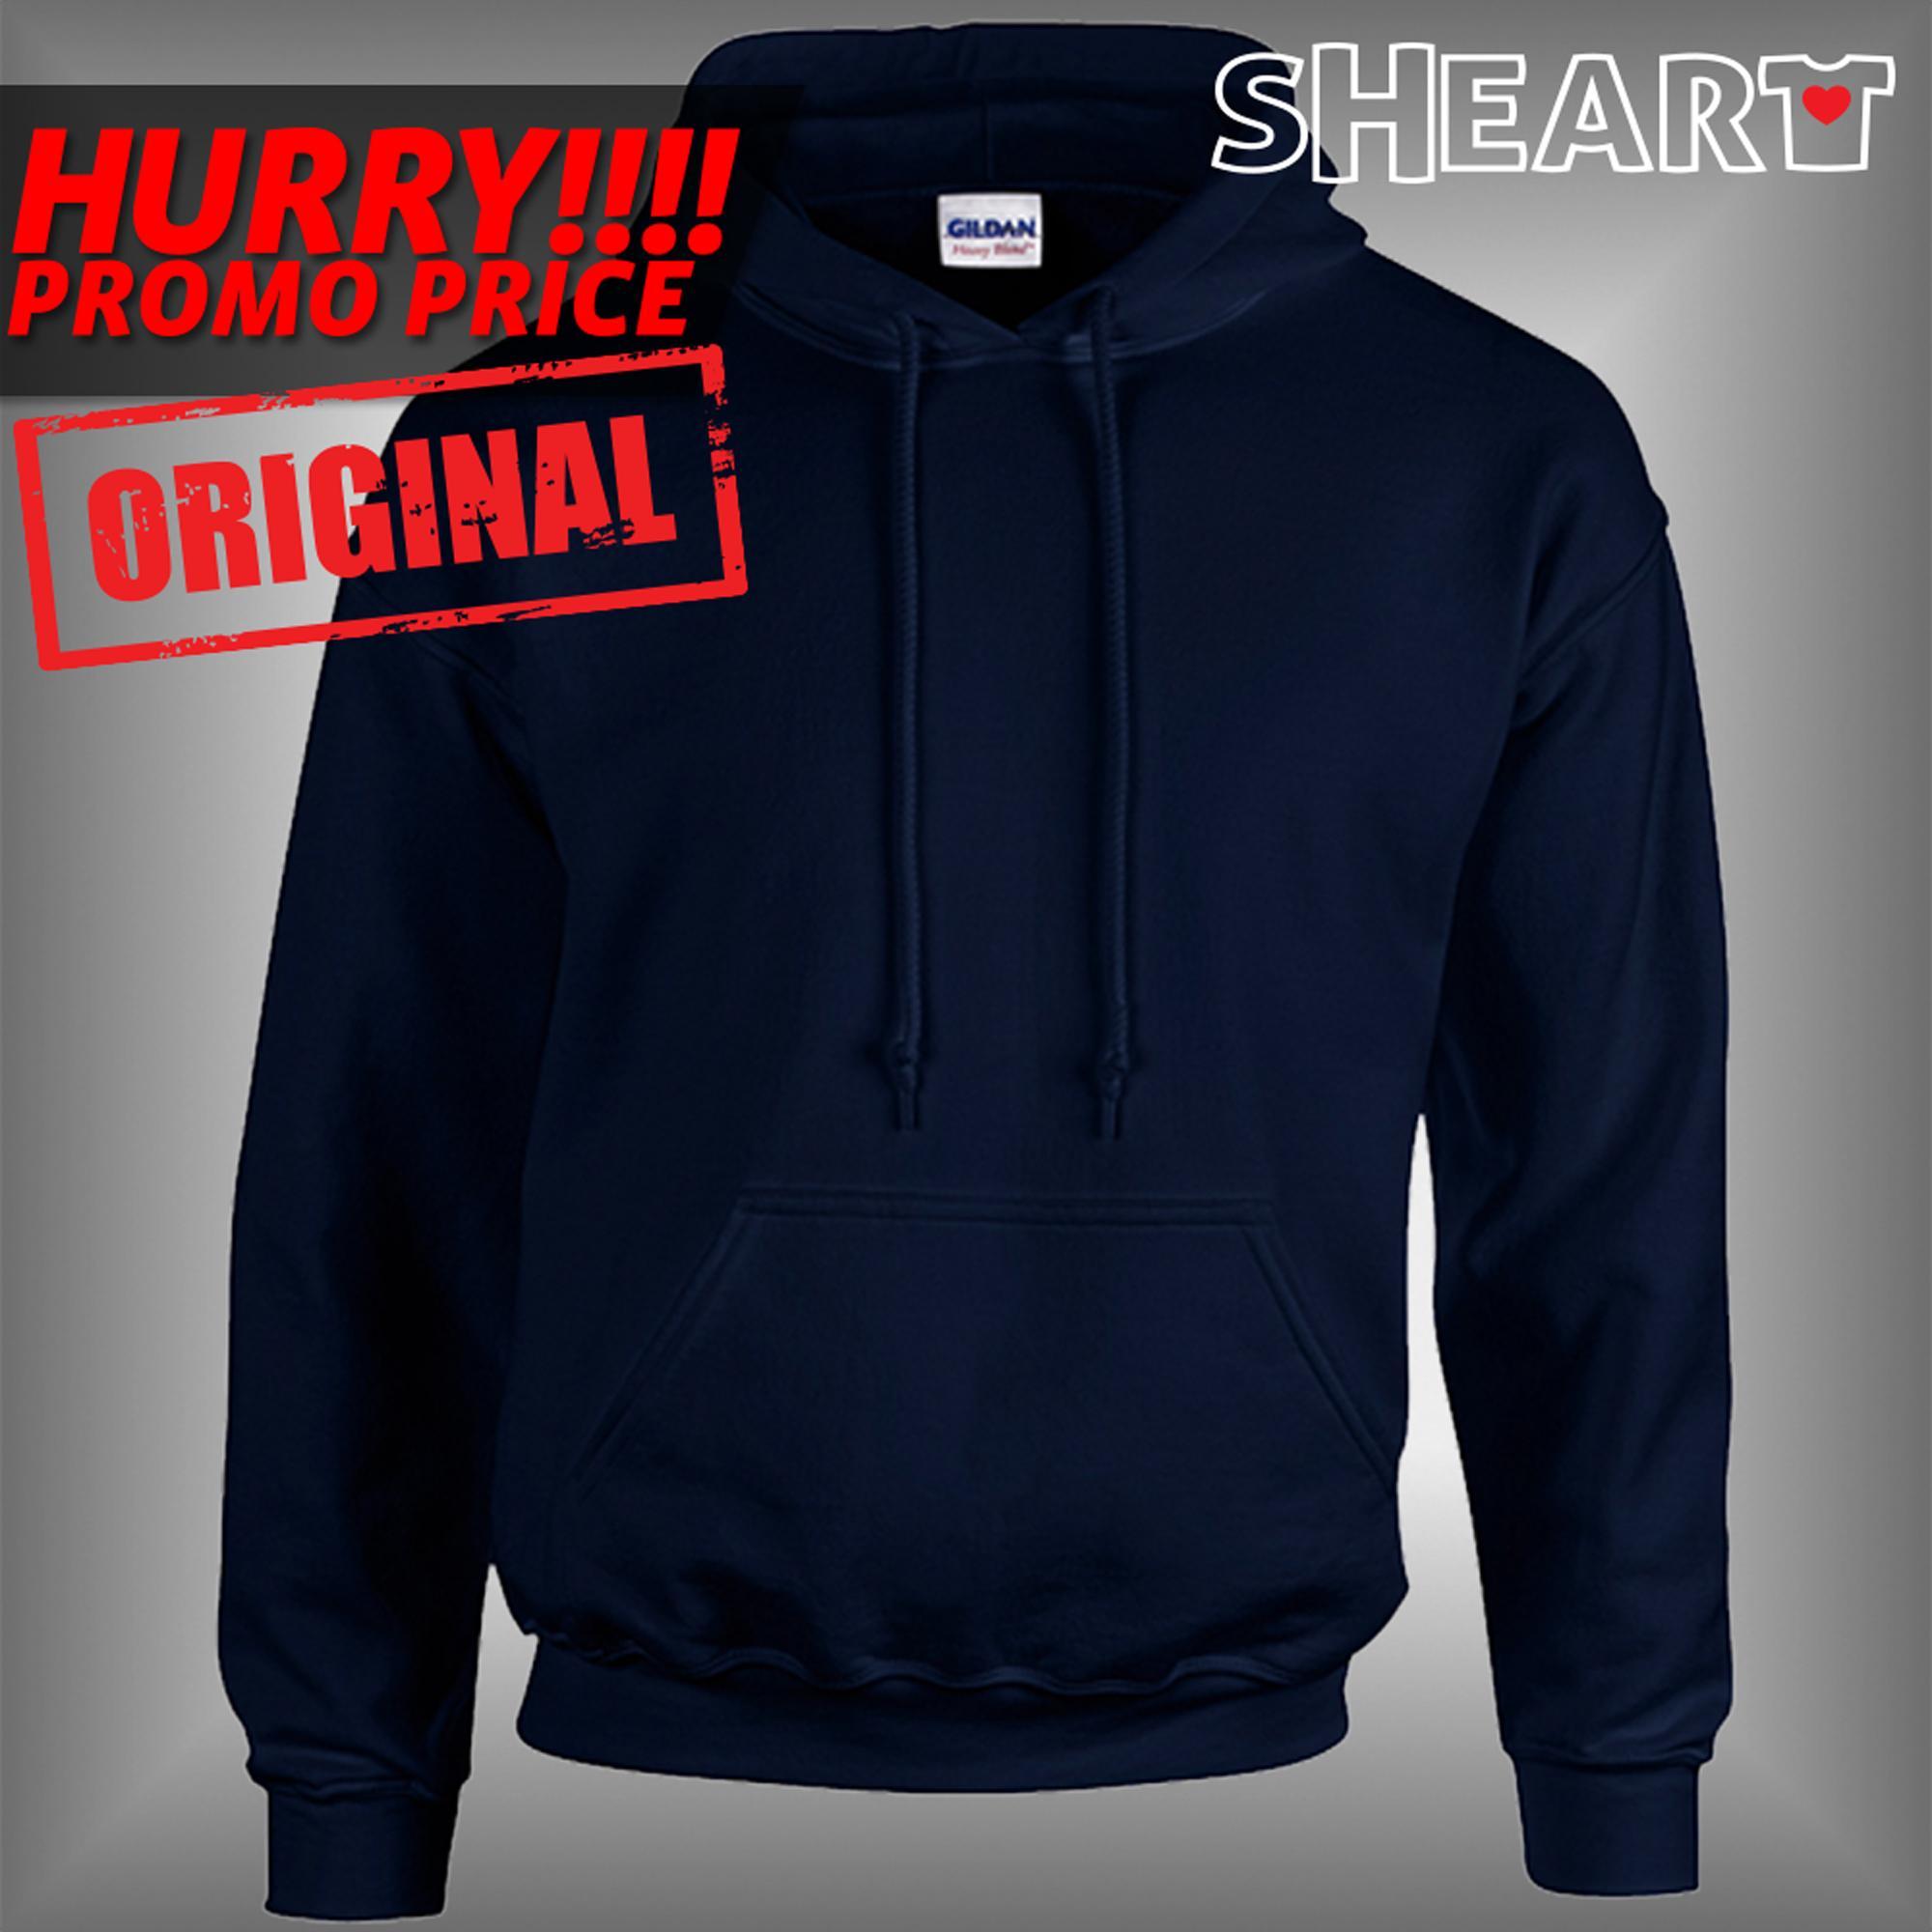 aeea868018ef Mens Hoodies for sale - Hoodie Jackets for Men online brands